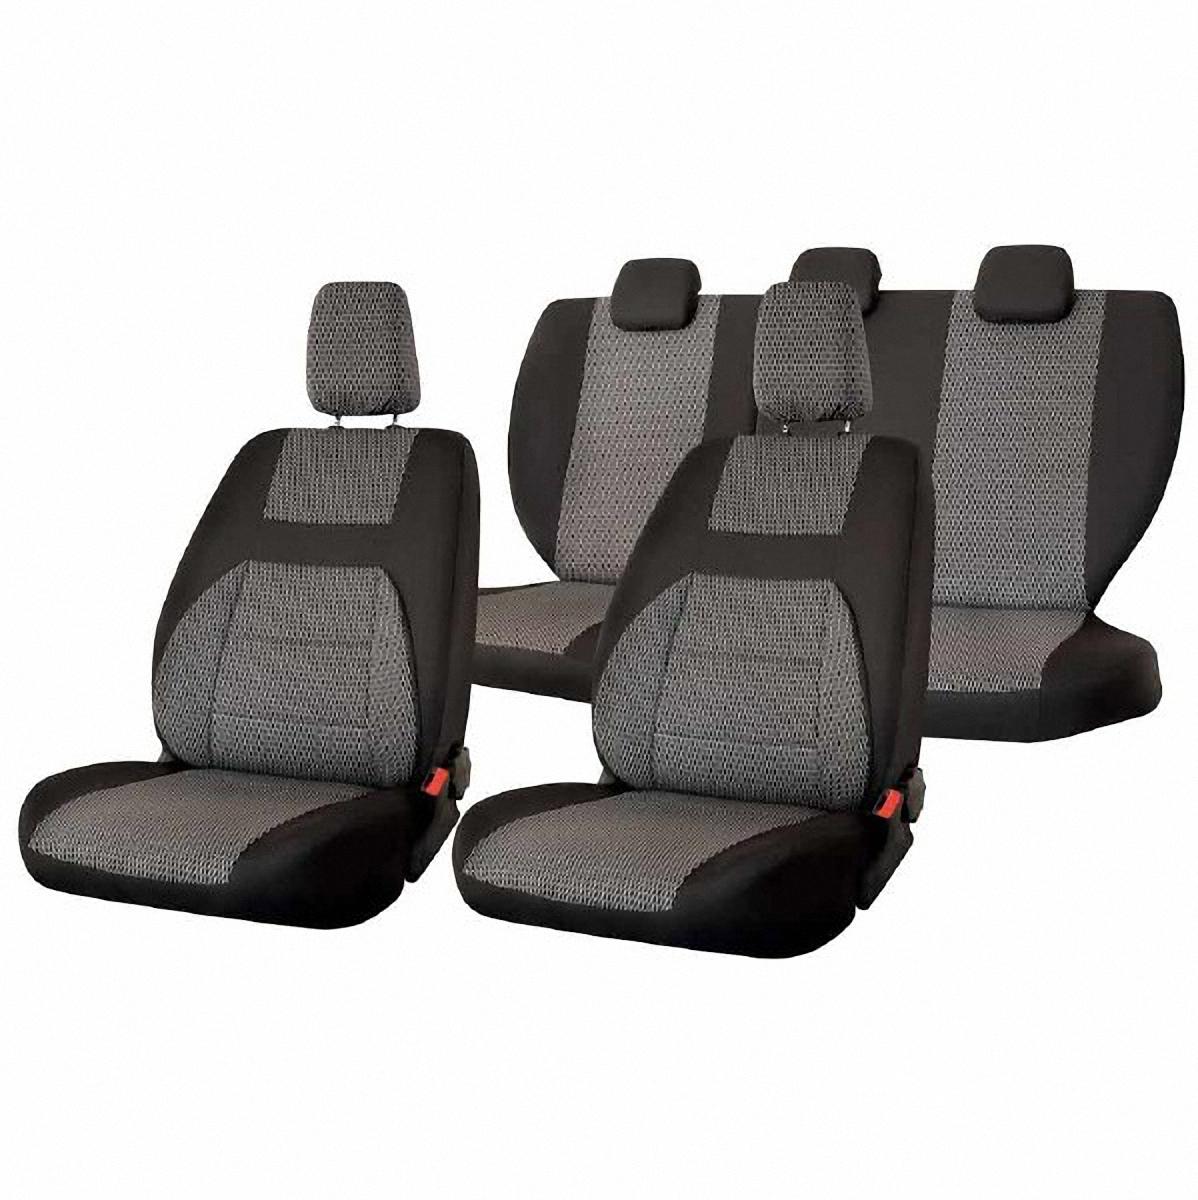 Чехлы автомобильные Skyway, для Lada Granta, цвет: темно-серыйV004-D2Автомобильные чехлы Skyway изготовлены из качественного жаккарда. Чехлы идеально повторяют штатную форму сидений и выглядят как оригинальная обивка сидений. Разработаны индивидуально для каждой модели автомобиля. Авточехлы Skyway просты в уходе - загрязнения легко удаляются влажной тканью. Чехлы переднего ряда имеют раздельную схему надевания. Задний ряд сидений сплошной.В комплекте 11 предметов.